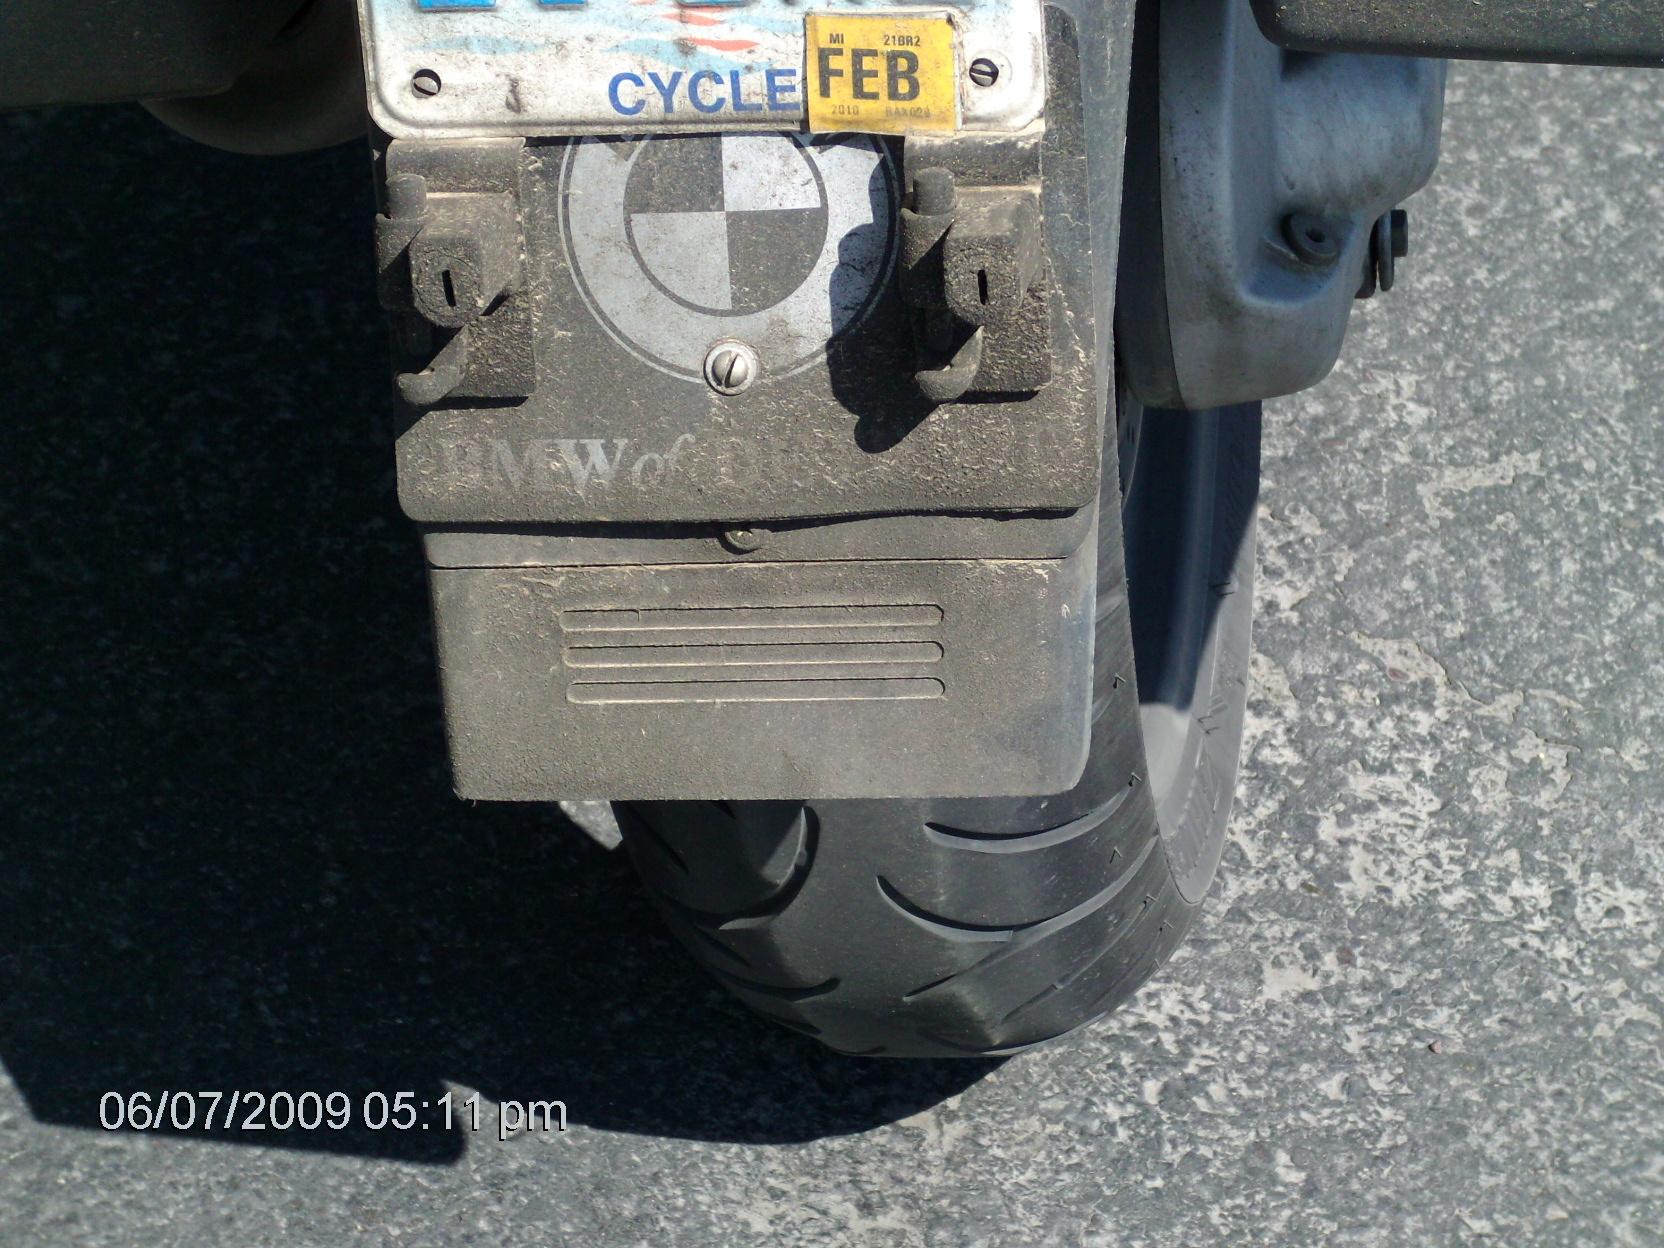 dirtybike.jpg